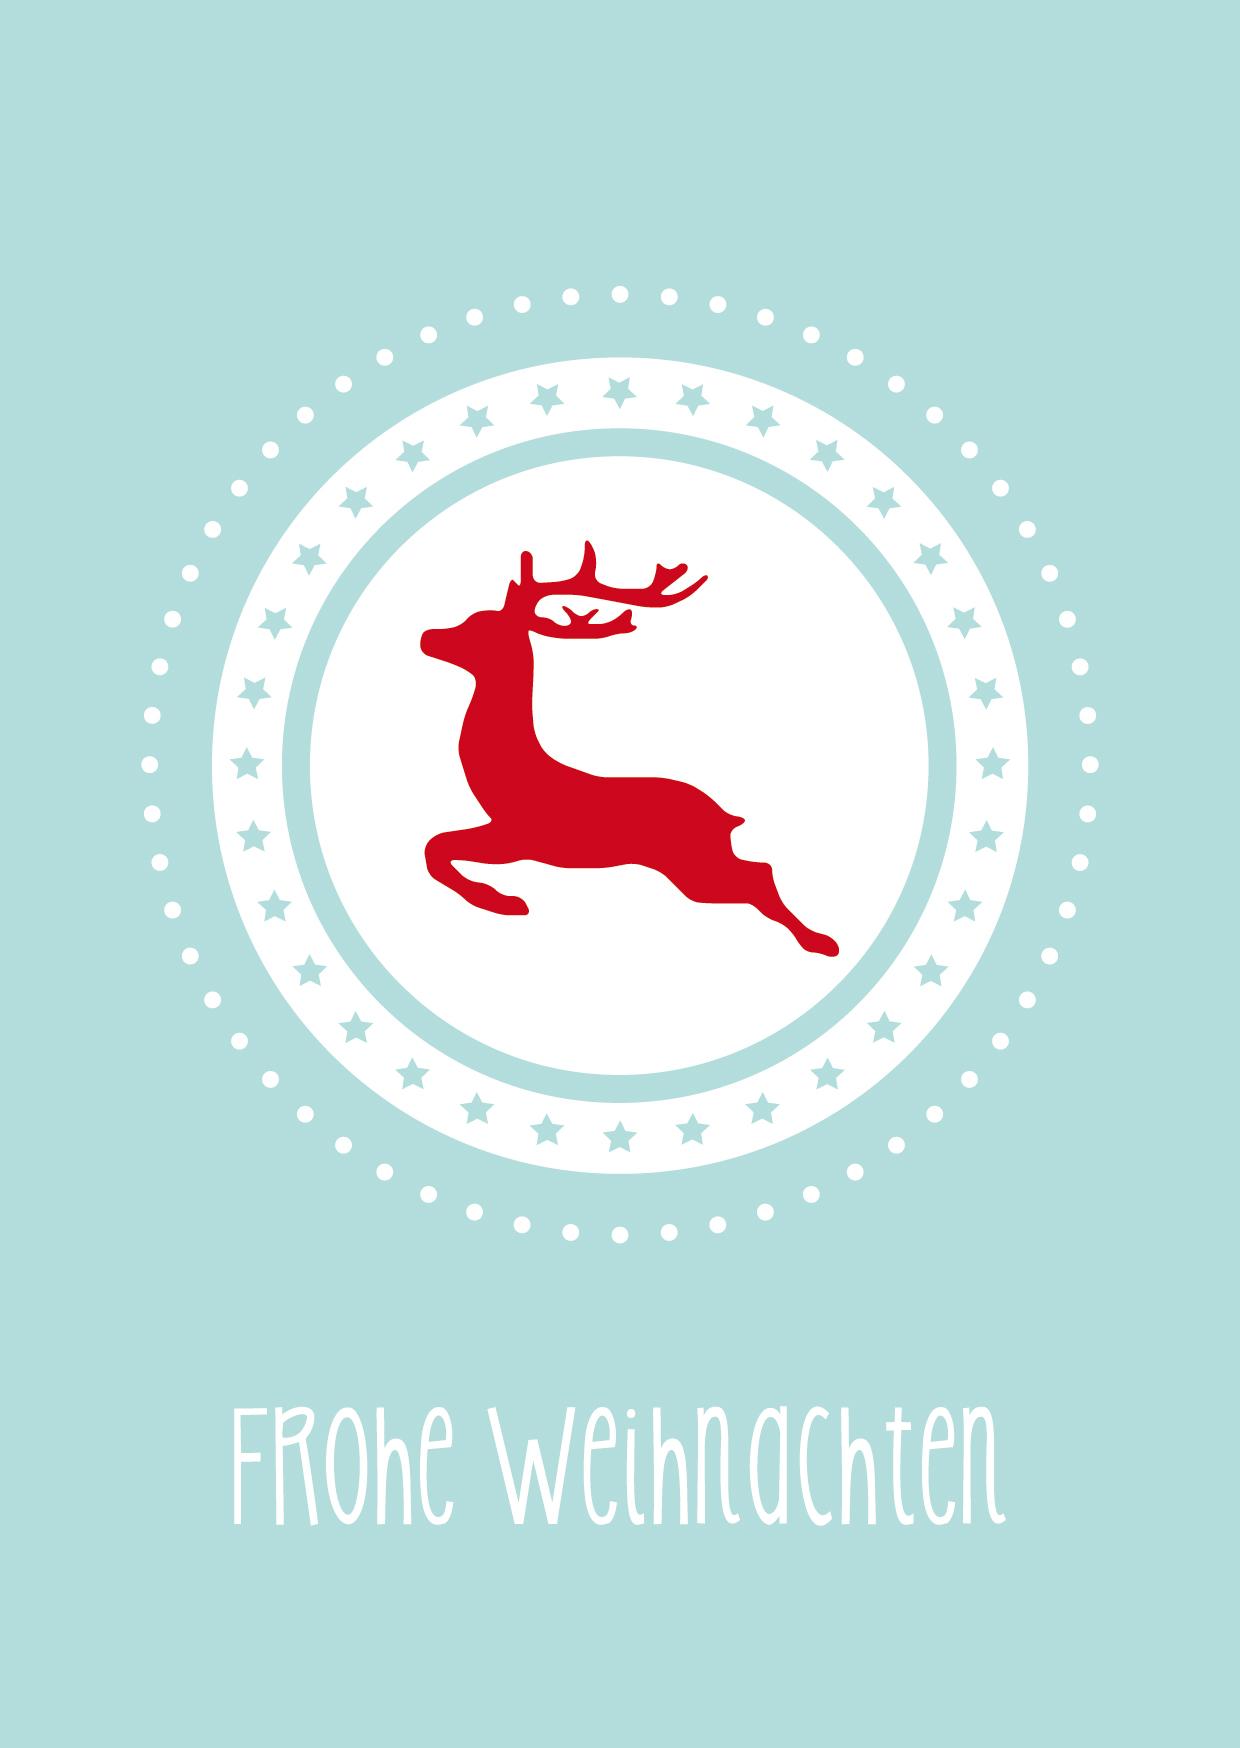 Weihnachtskarten Ausdrucken Vorlagen.Weihnachtskarte Vom Brautsalat Vorlage Zum Ausdrucken